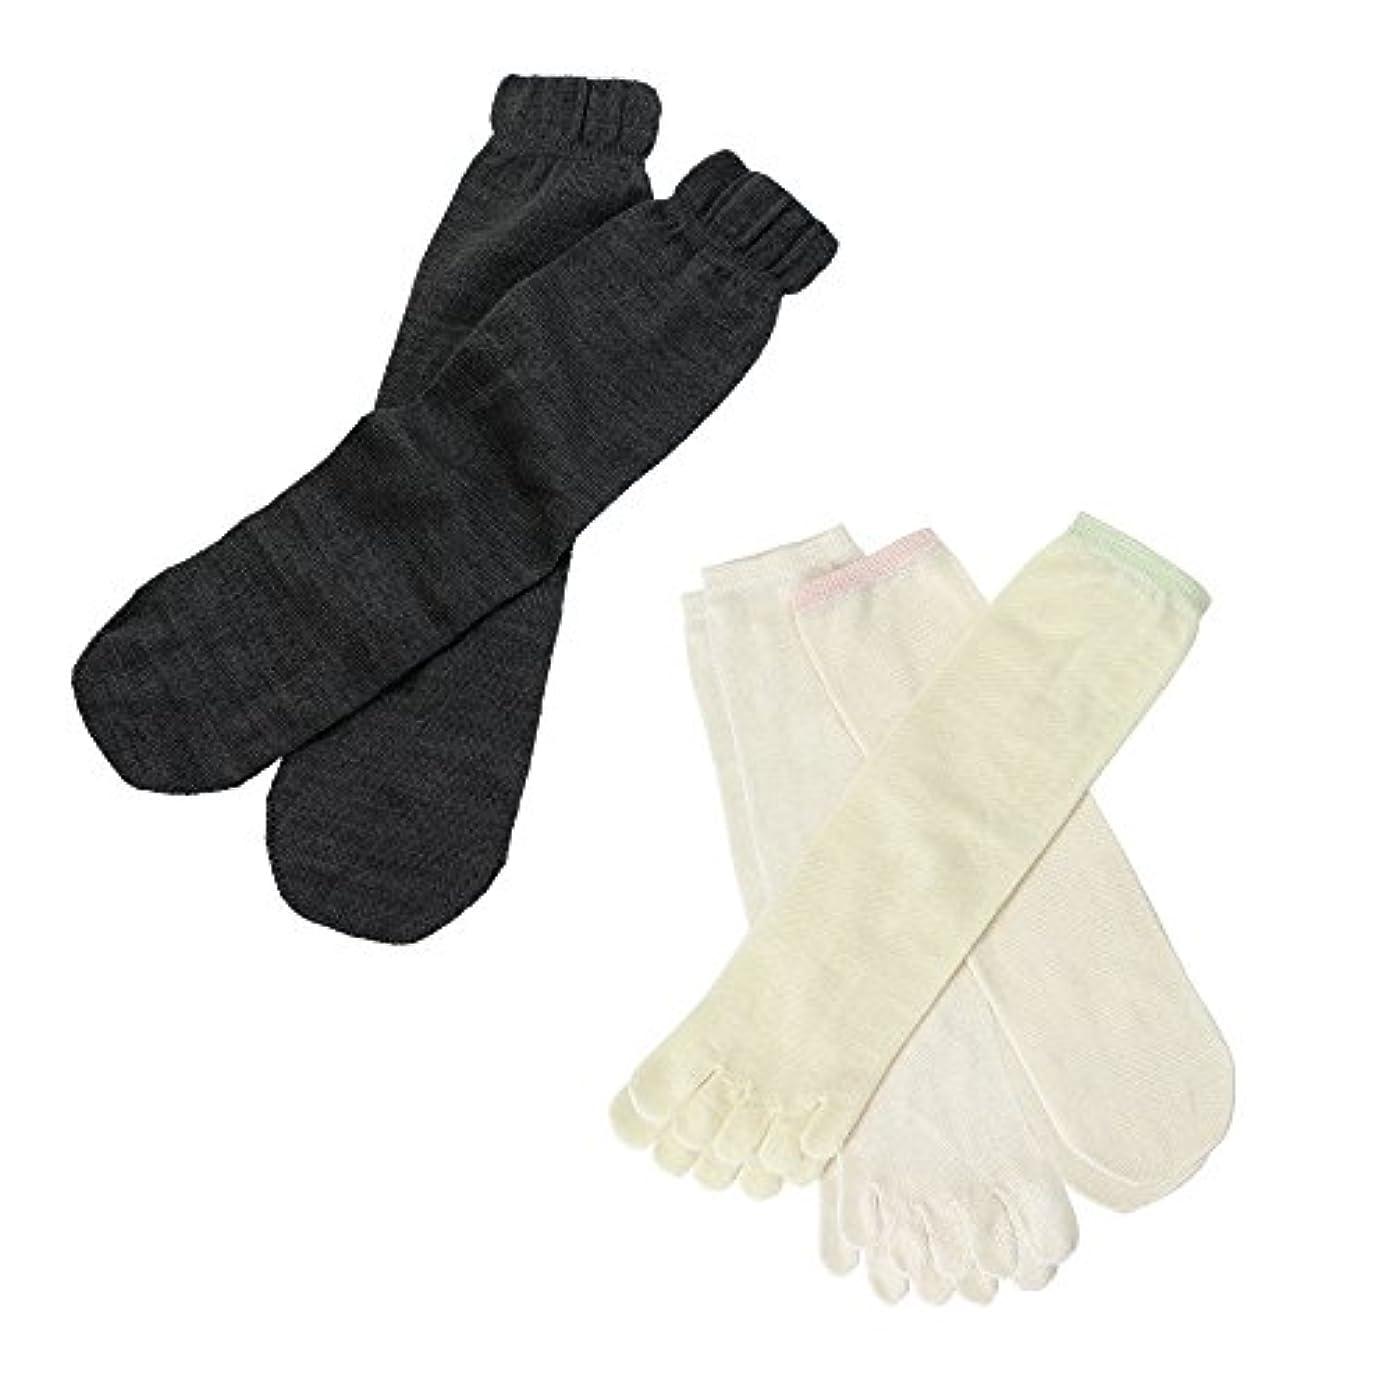 再現する豊かなバズhiorie(ヒオリエ) 日本製 冷えとり靴下 シルク&ウール 5本指ソックス(重ねばき専用 4足セット) 正絹